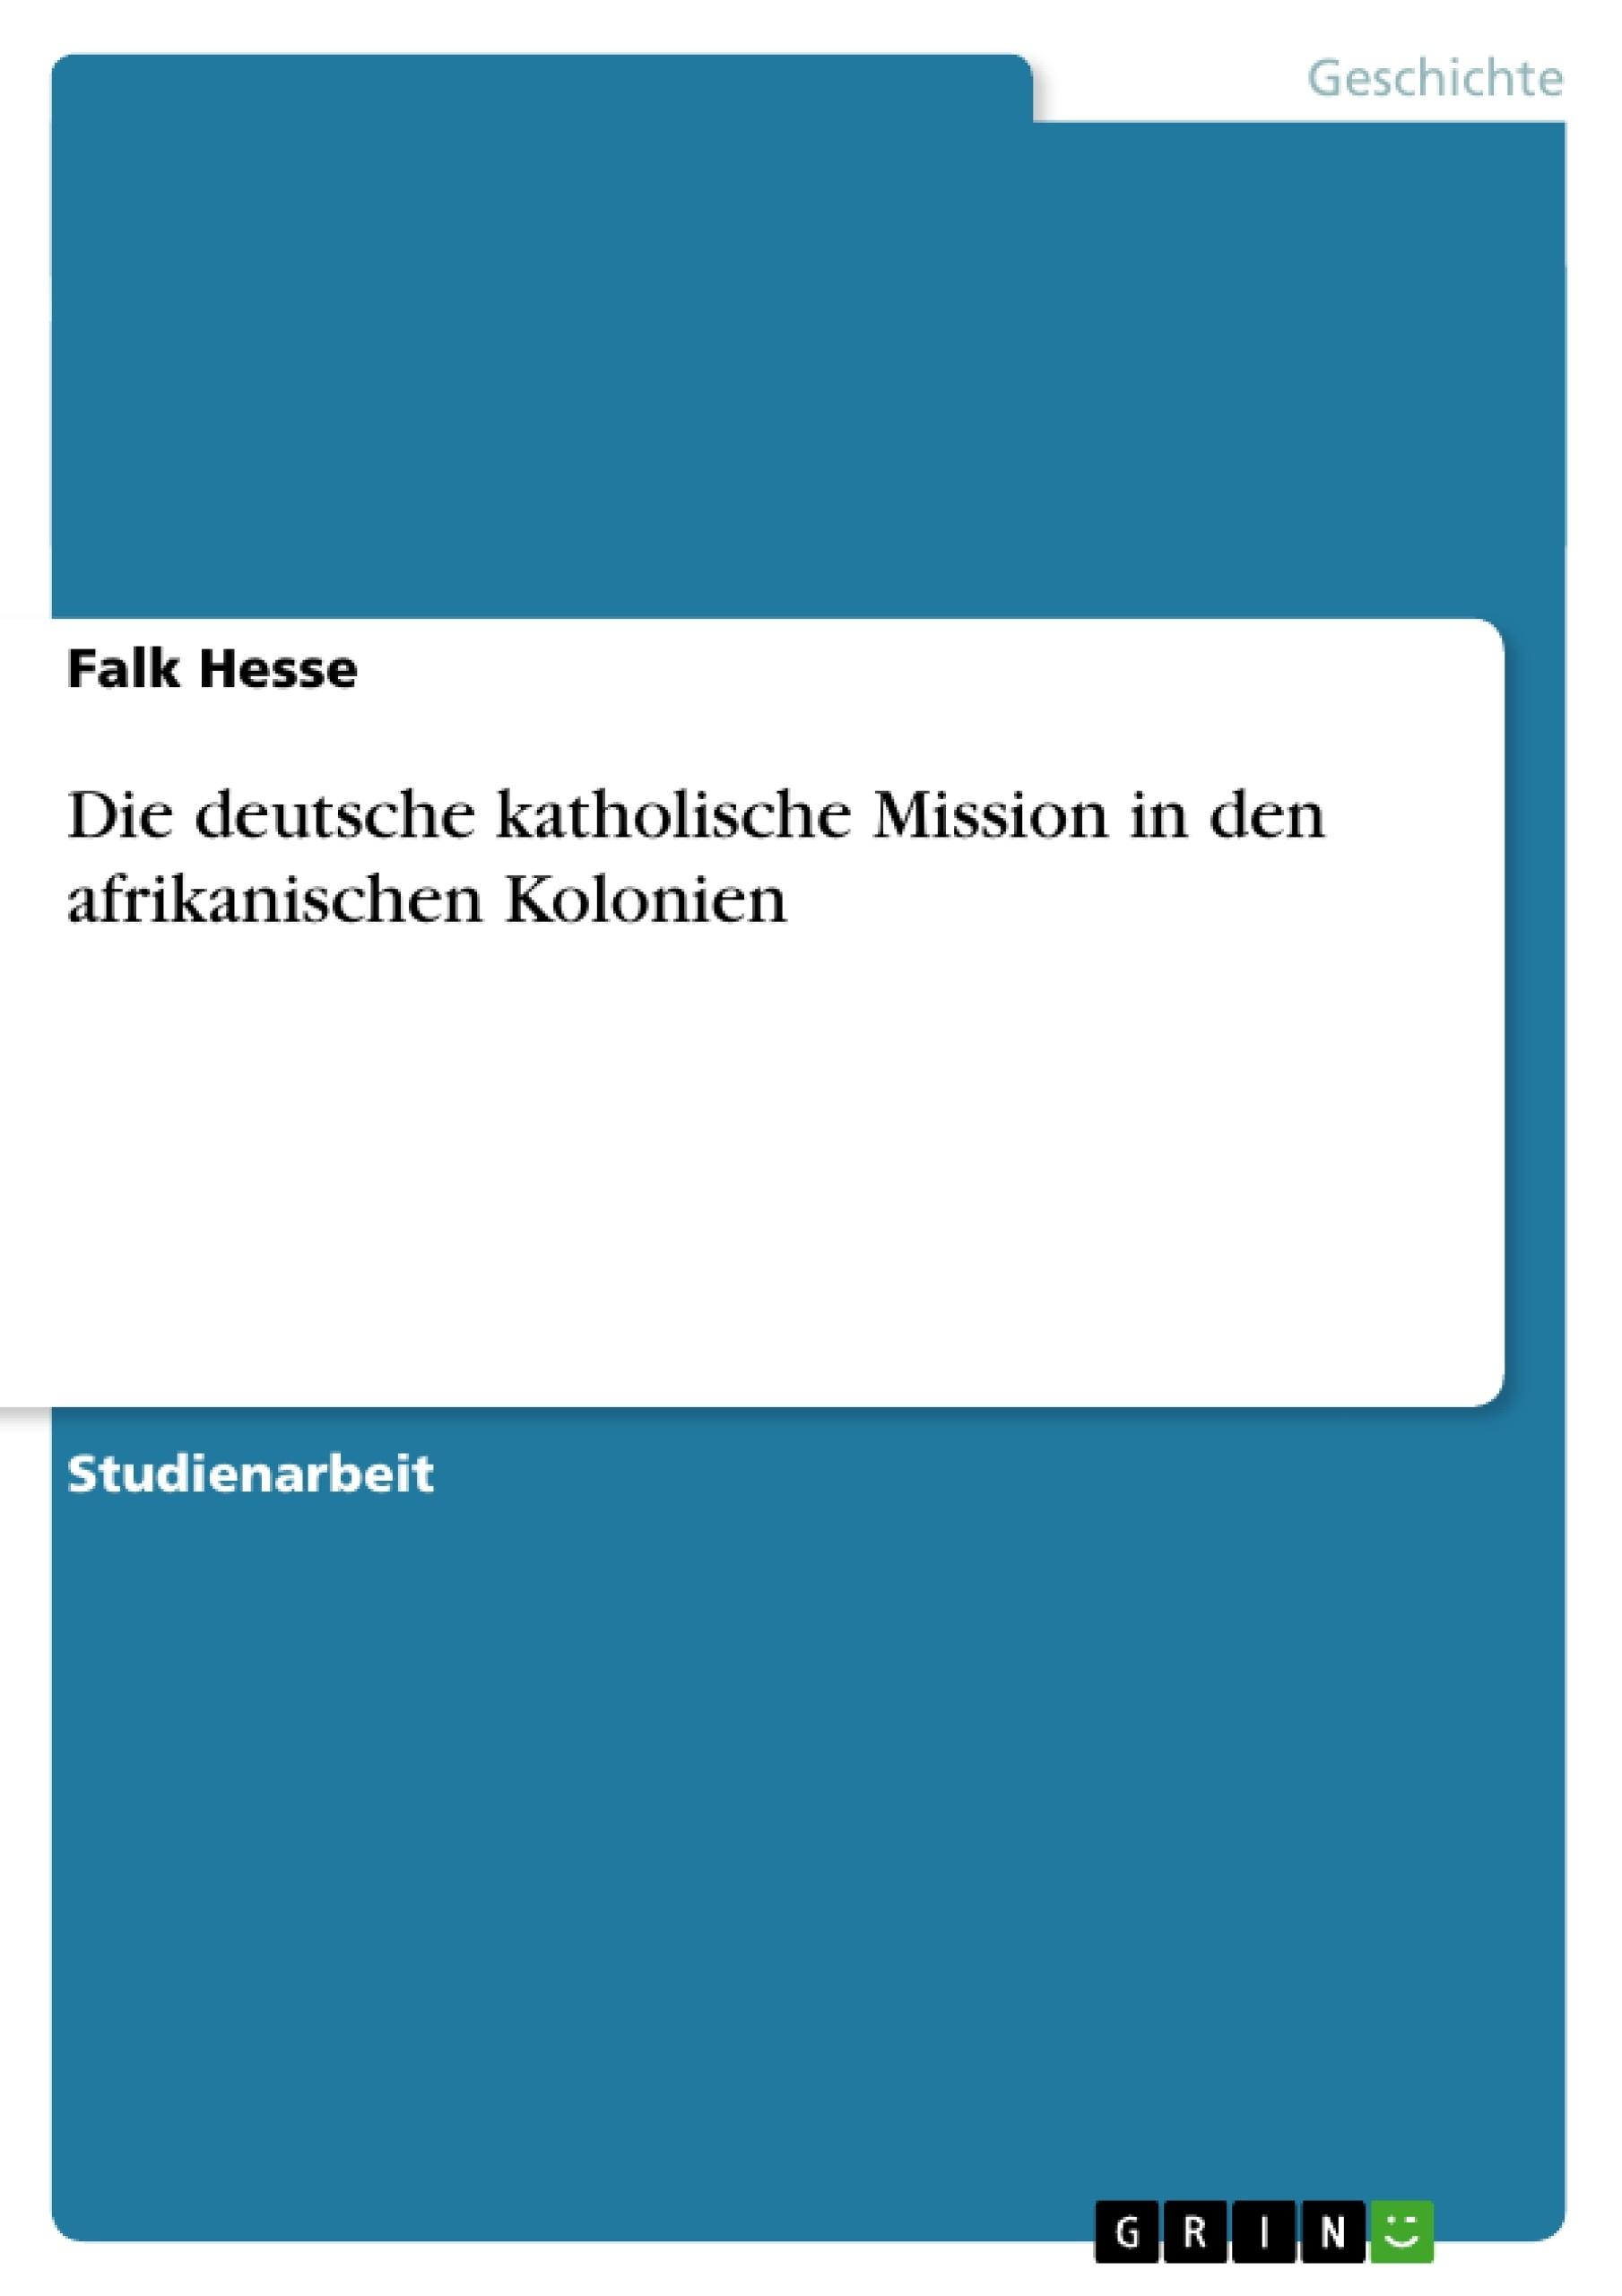 Titel: Die deutsche katholische Mission in den afrikanischen Kolonien